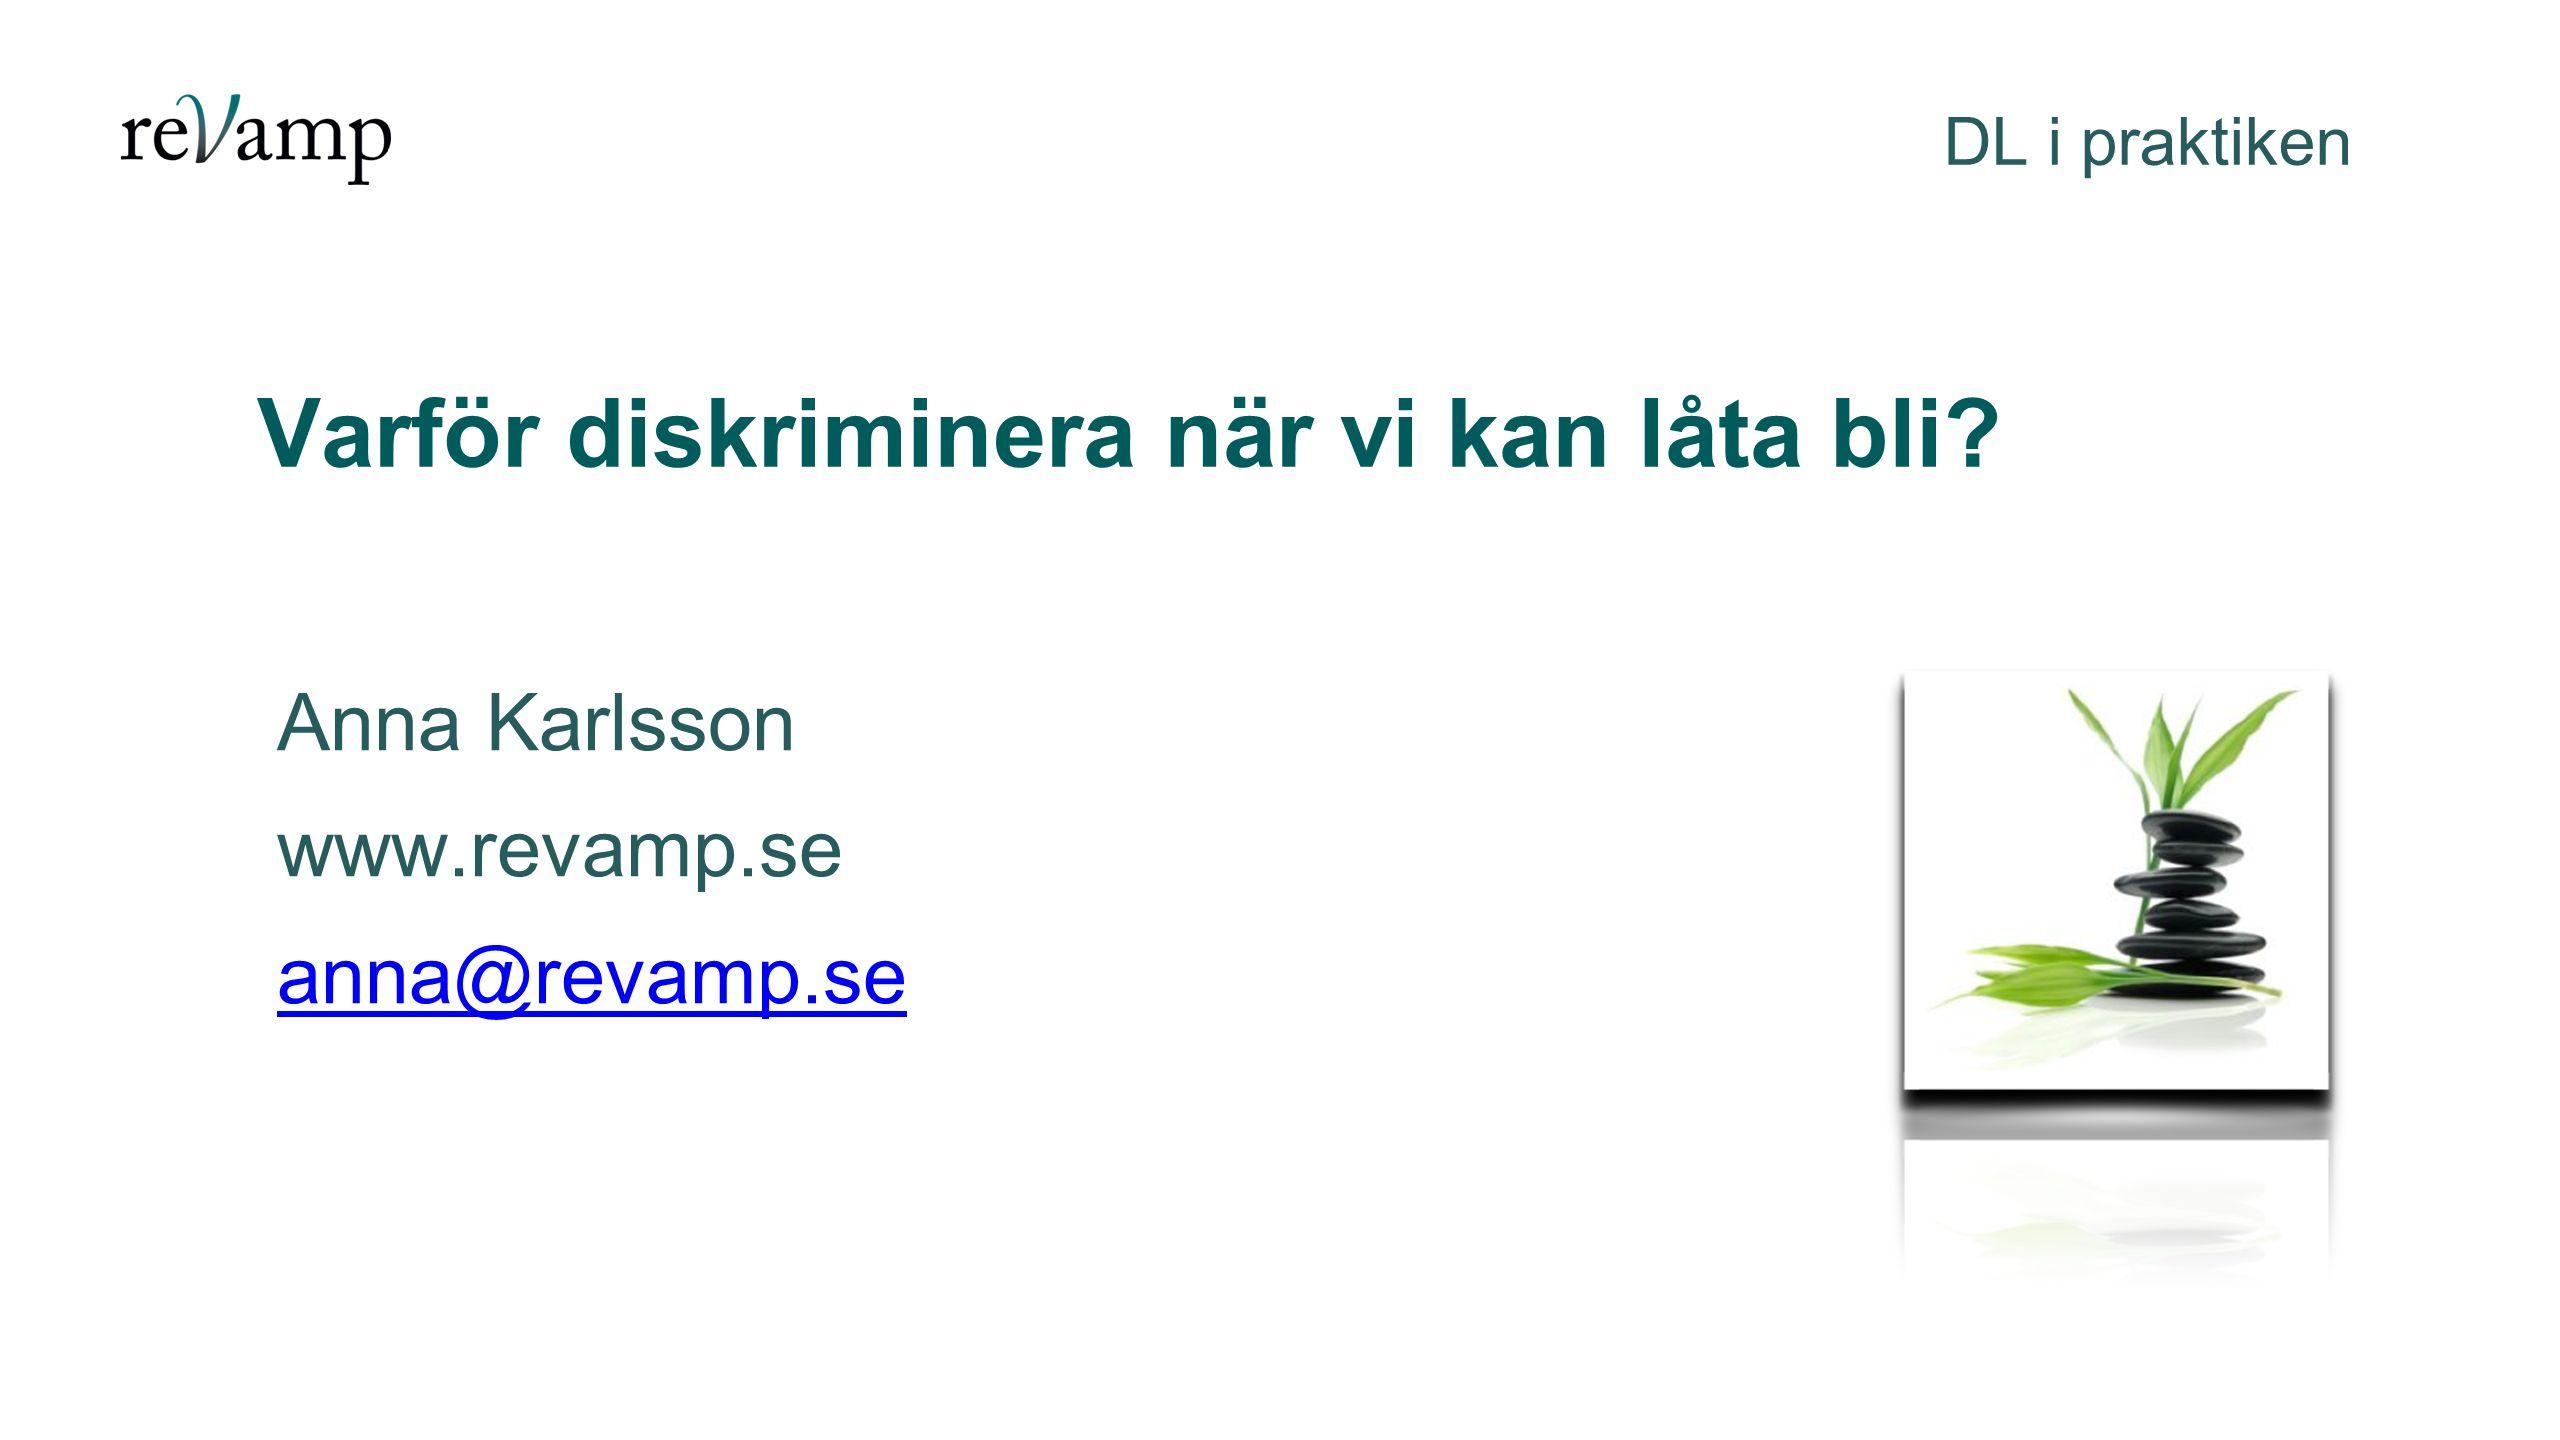 Varför diskriminera när vi kan låta bli? DL i praktiken Anna Karlsson www.revamp.se anna@revamp.se